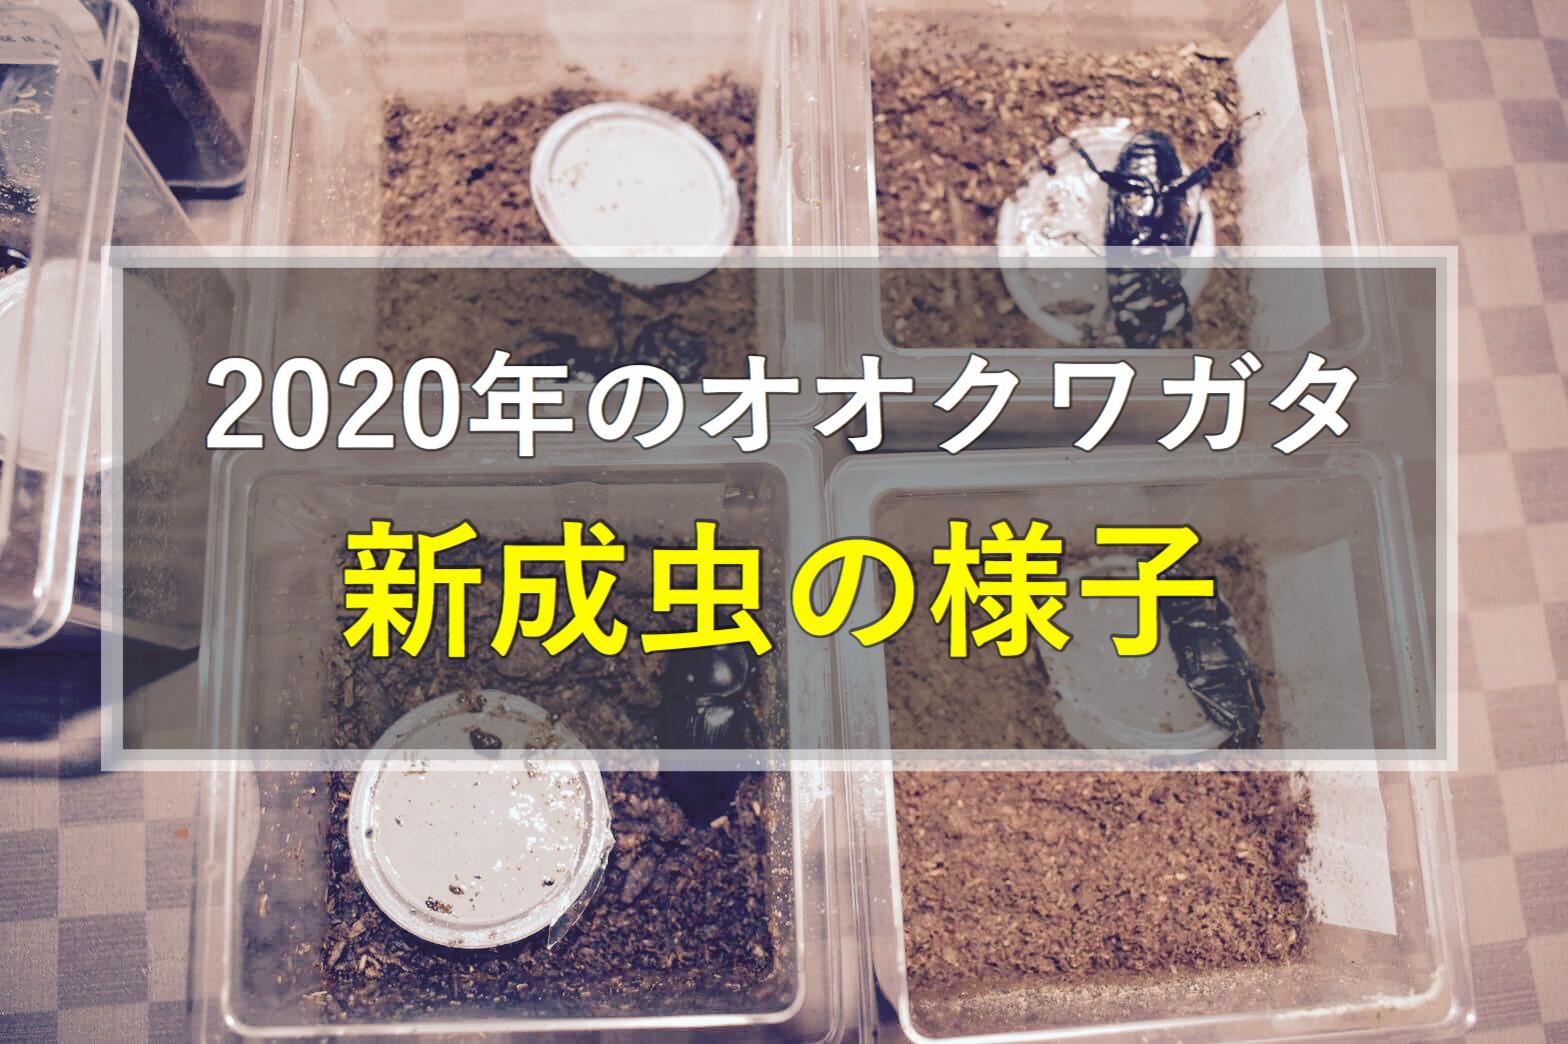 オオクワガタ新成虫3